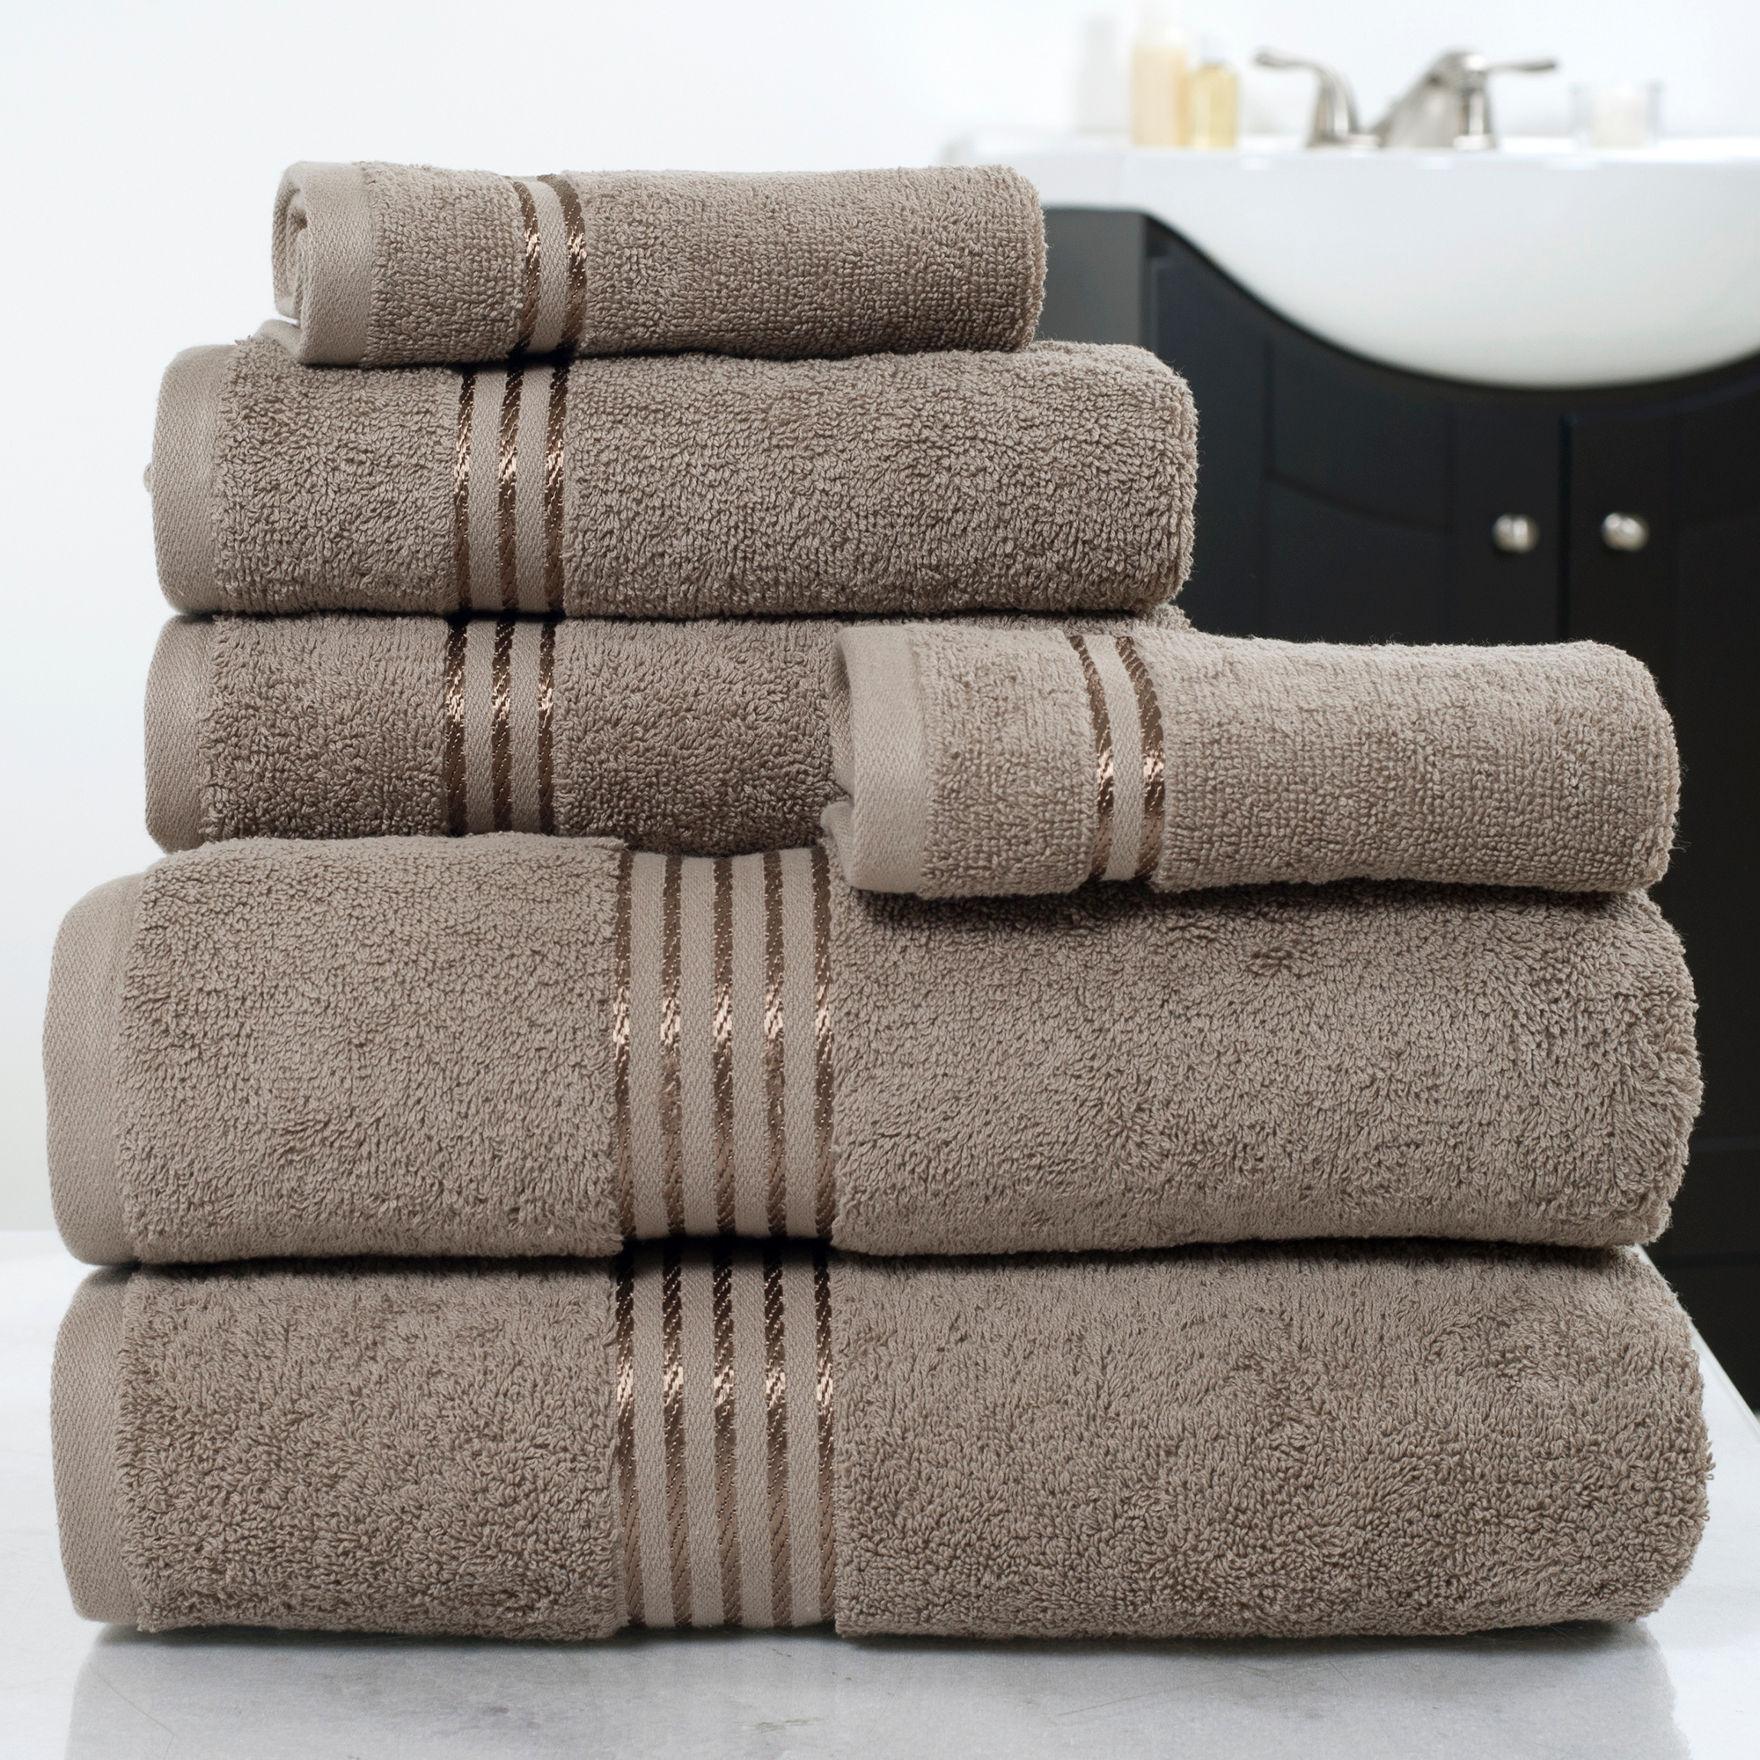 Lavish Home Taupe Bath Towels